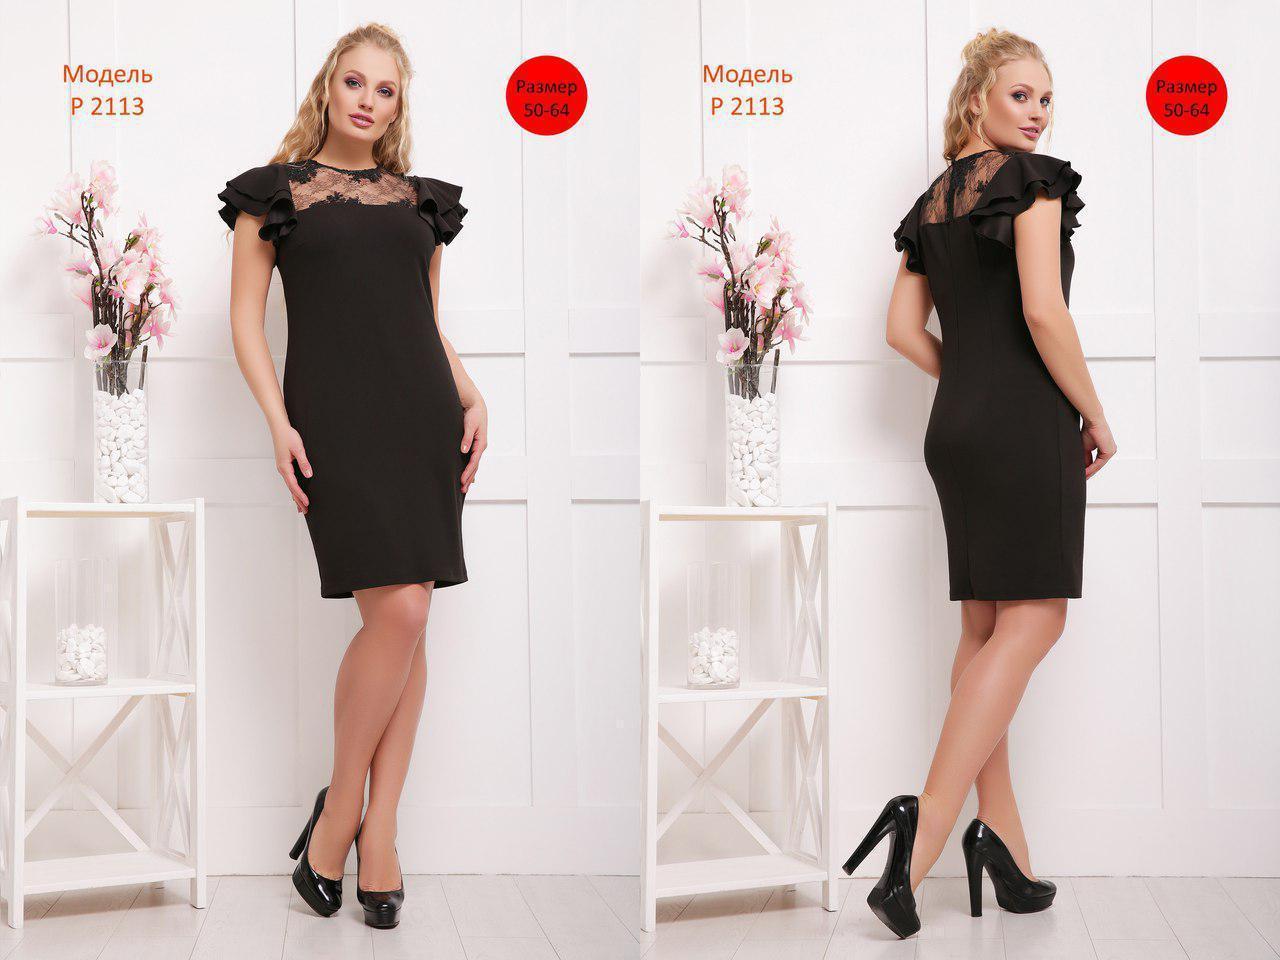 Платье в больших размерах с гипюром и рукавом из воланов 31blr649